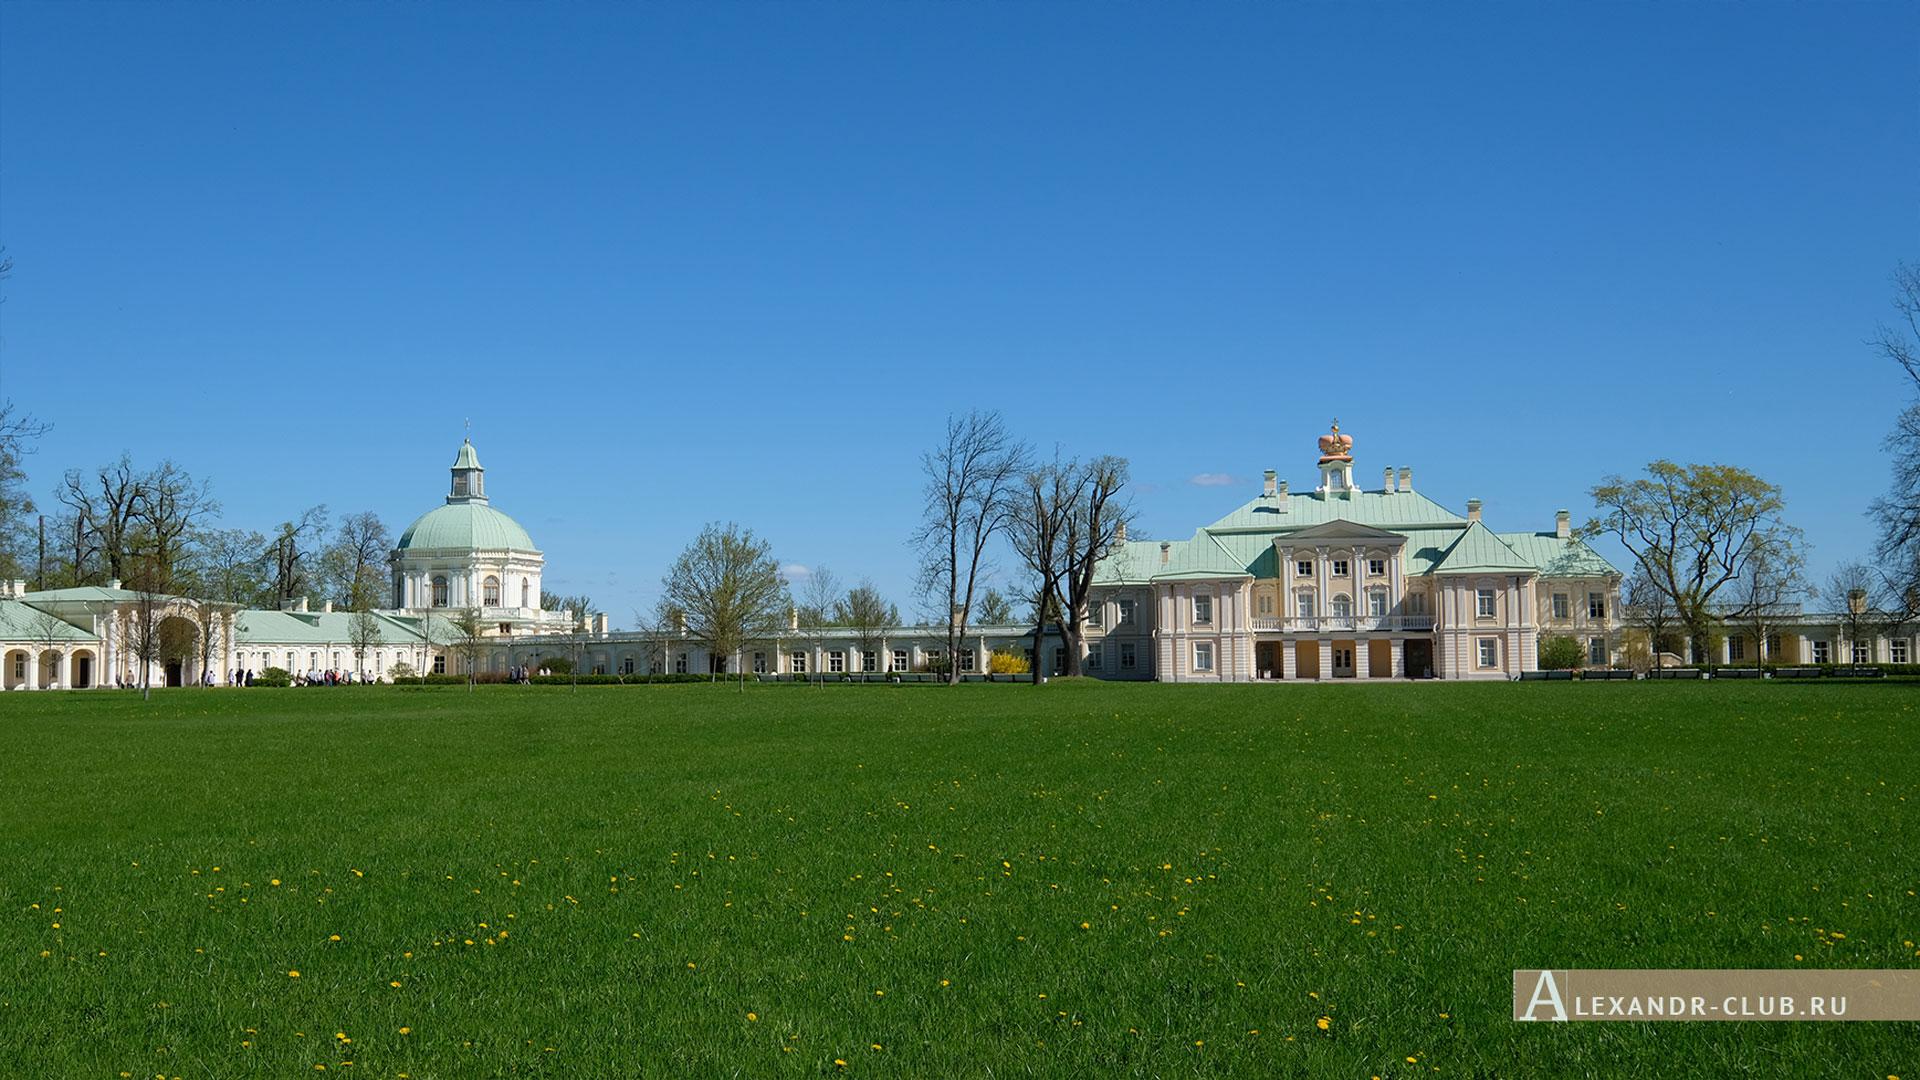 Ораниенбаум, весна, Большой Меншиковский дворец и дворцовая церковь